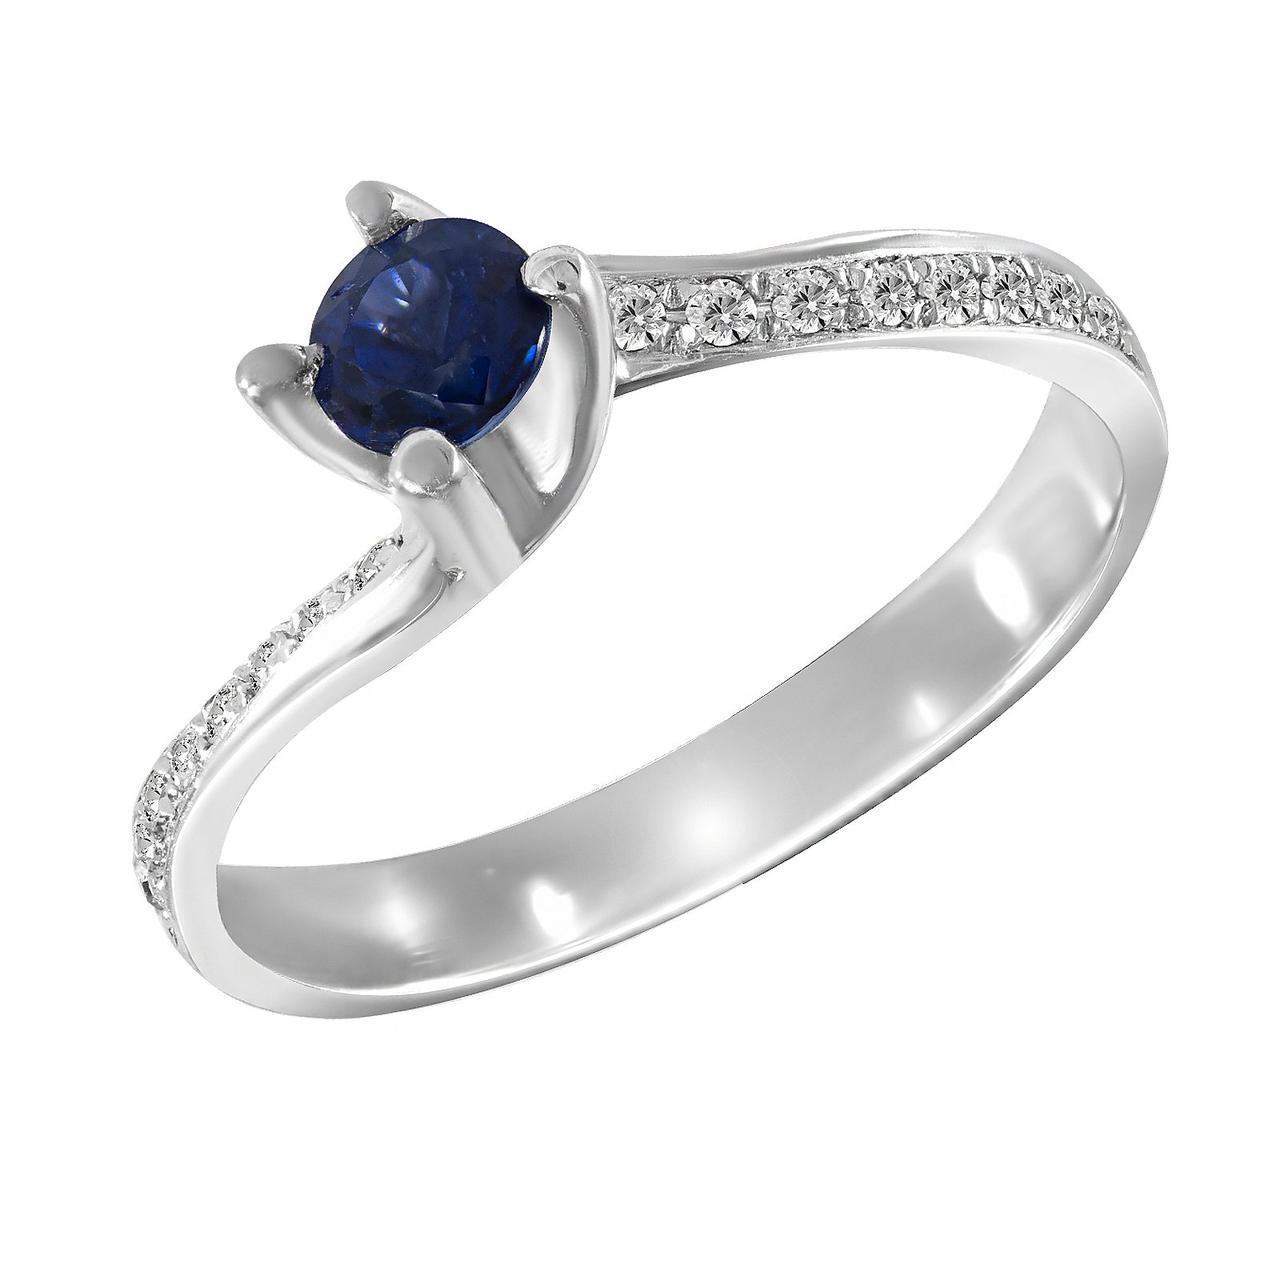 Золотое кольцо с бриллиантами и сапфиром, размер 17.5 (1681491)